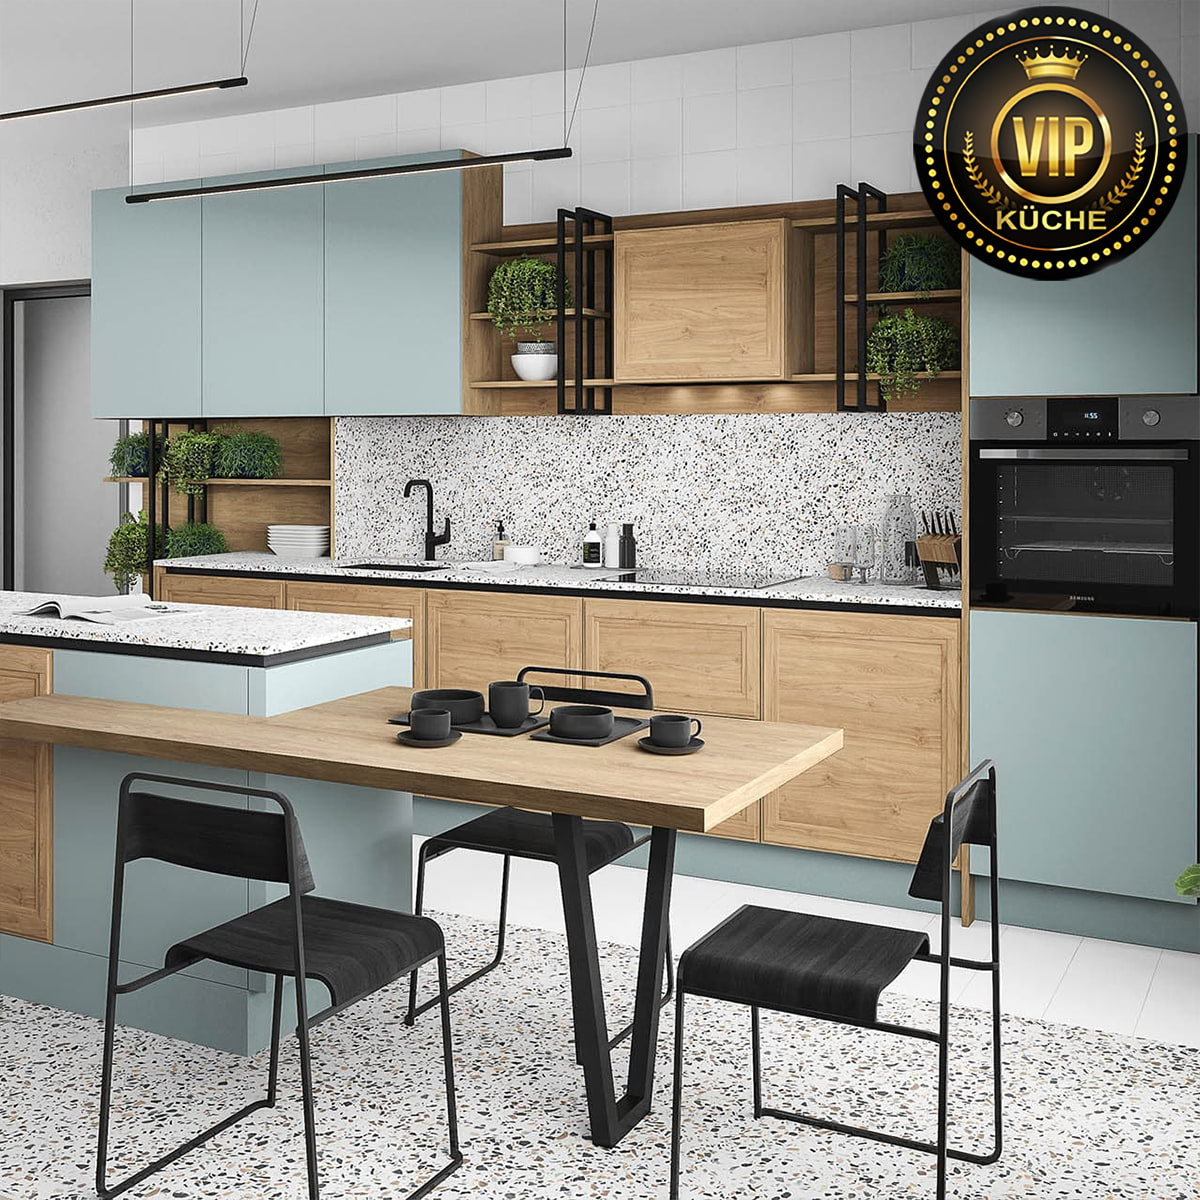 moderne küche mit kochinsel einbauküchen grifflose küche mit insel Massivholz loft küchenmöbel landhaus